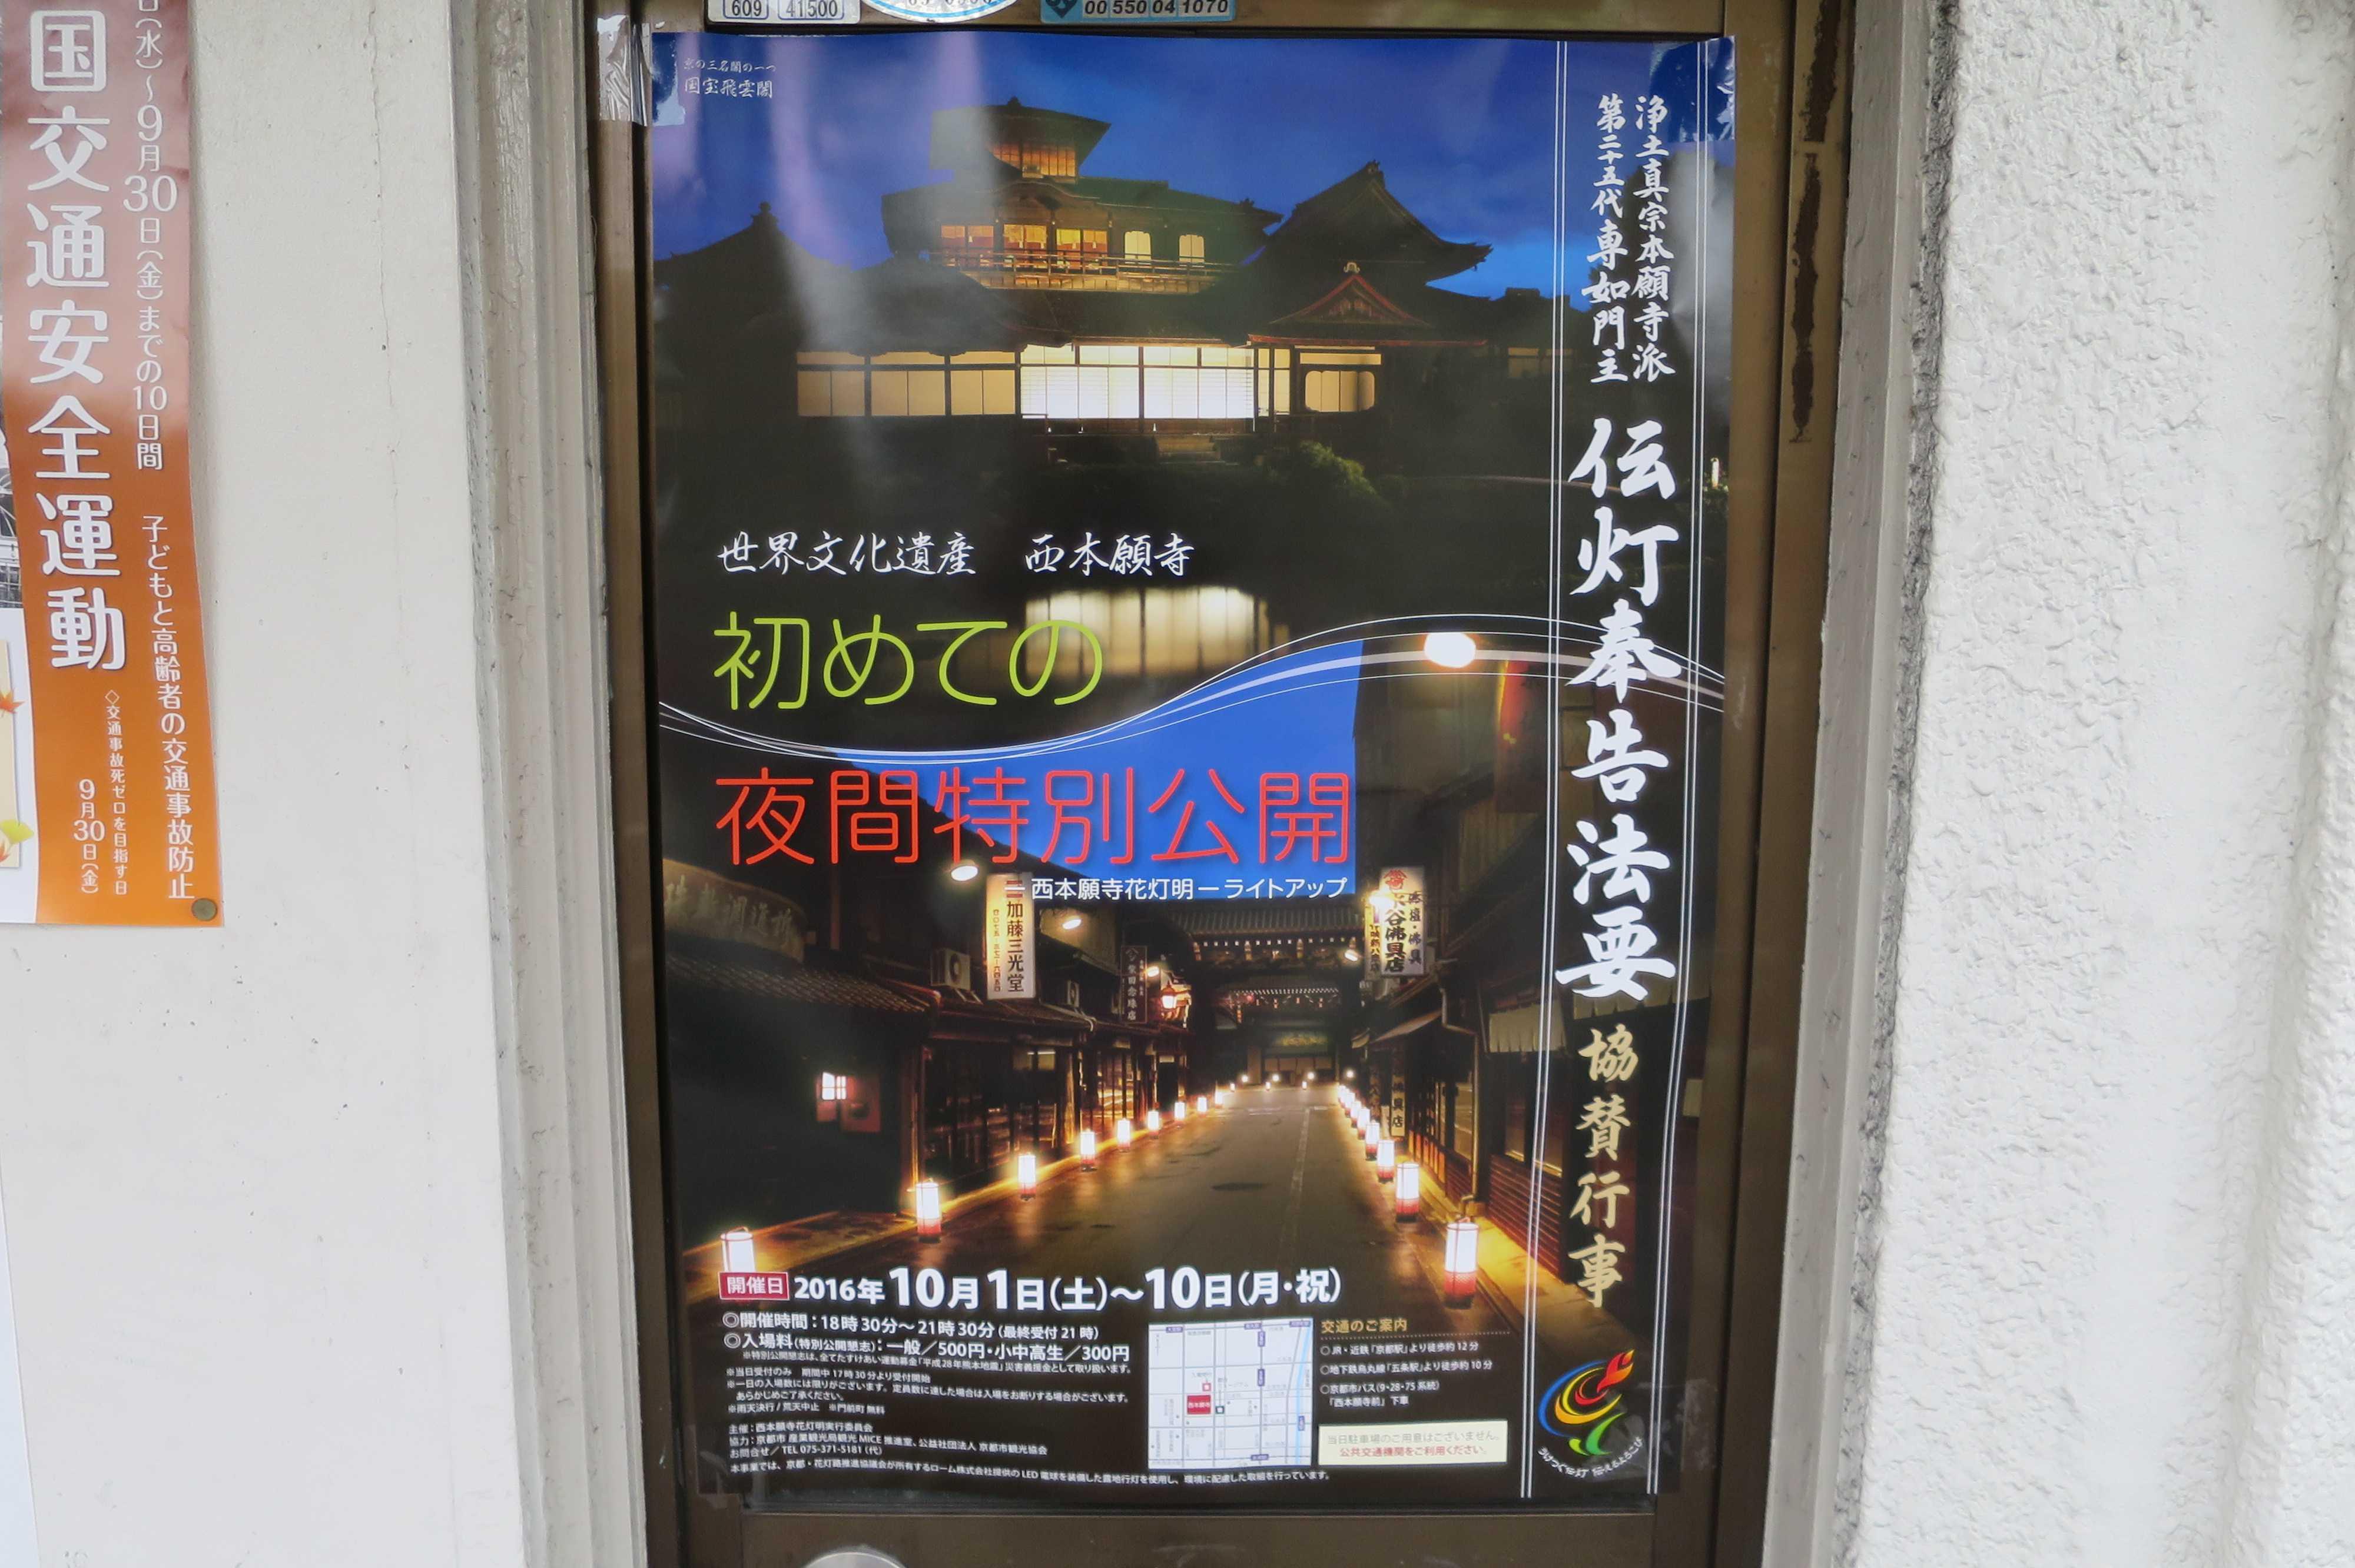 第25代専如門主伝灯奉告法要 協賛行事「西本願寺 夜間特別公開」